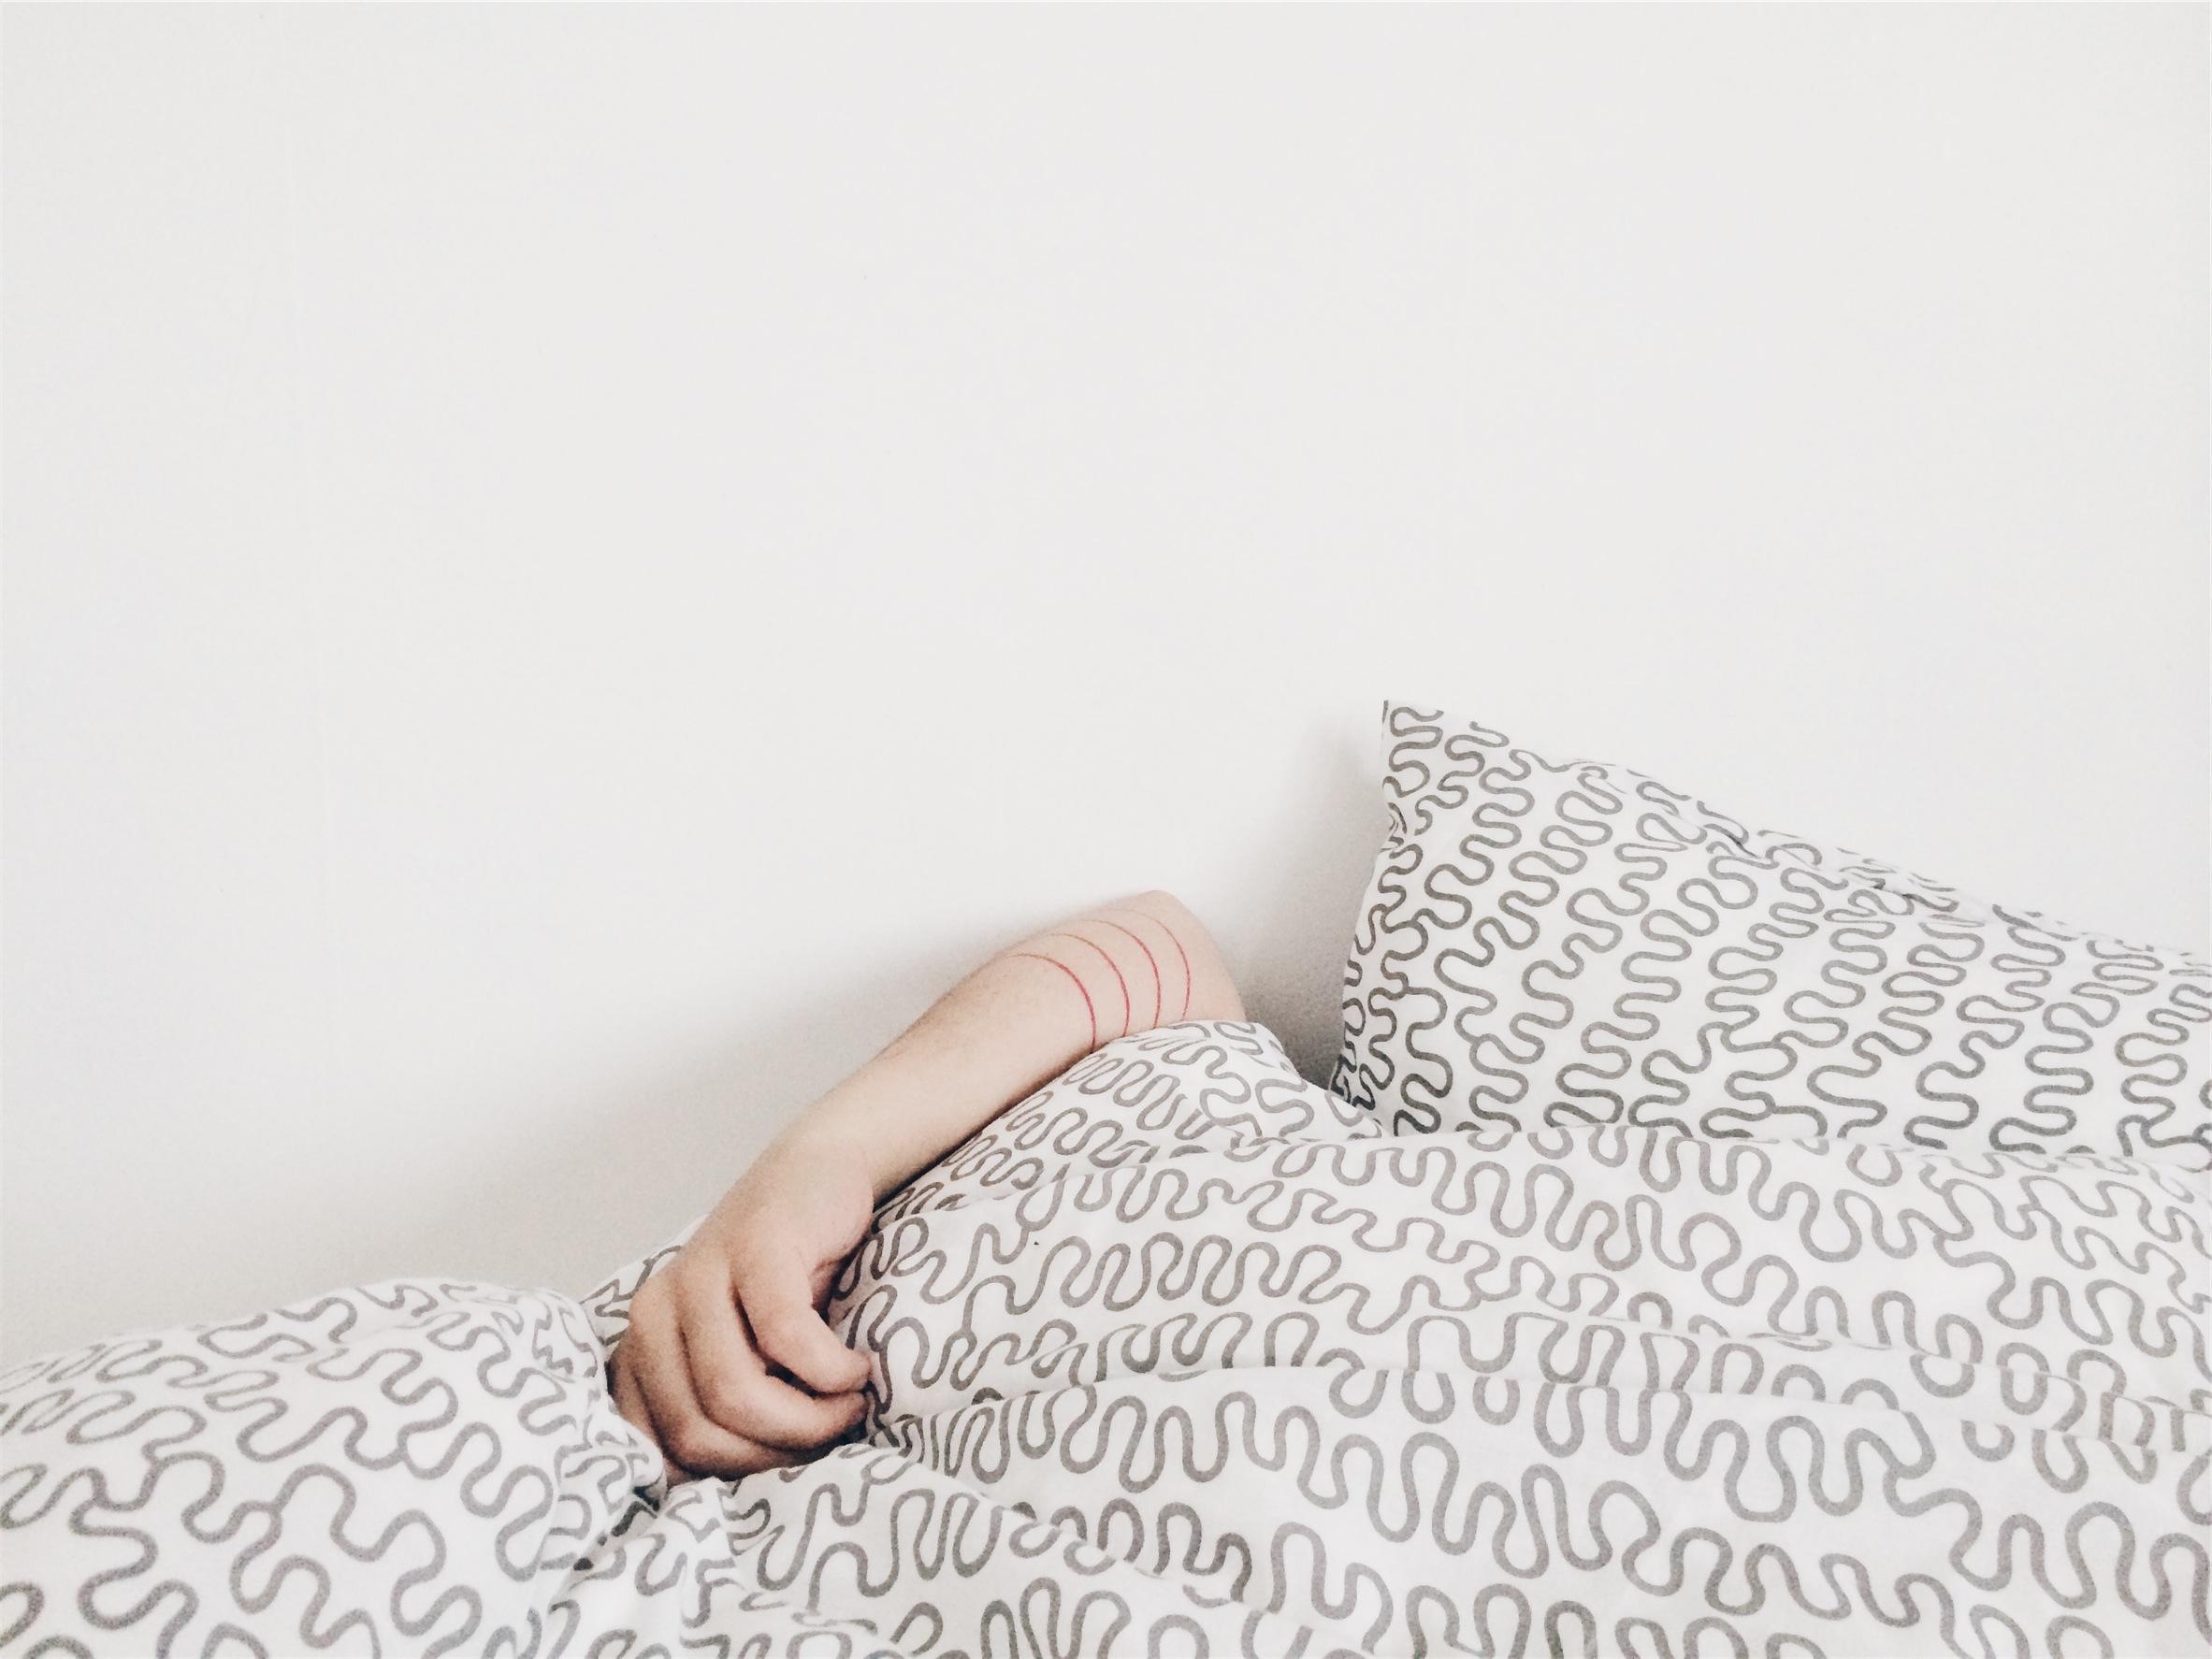 Motion og søvn går hånd i hånd